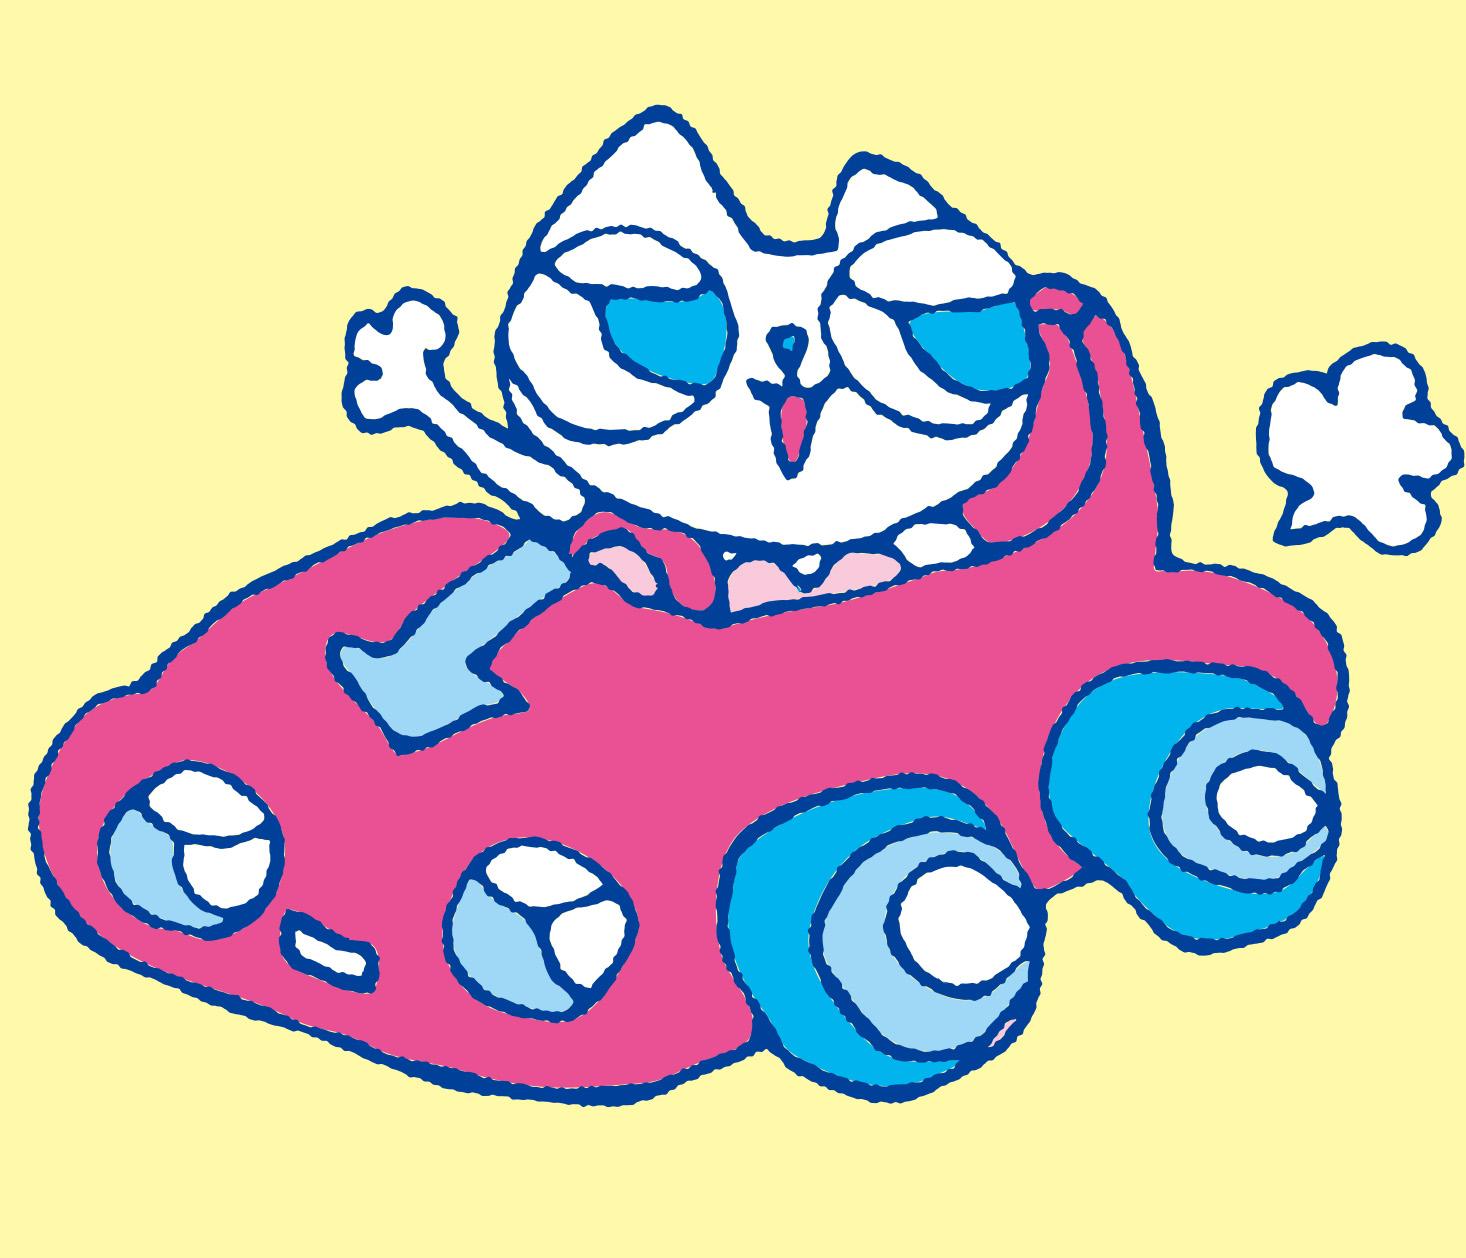 夢の絵を描いたネコ | 麻布アトリエマスコットキャラクター | 松田光一の絵本